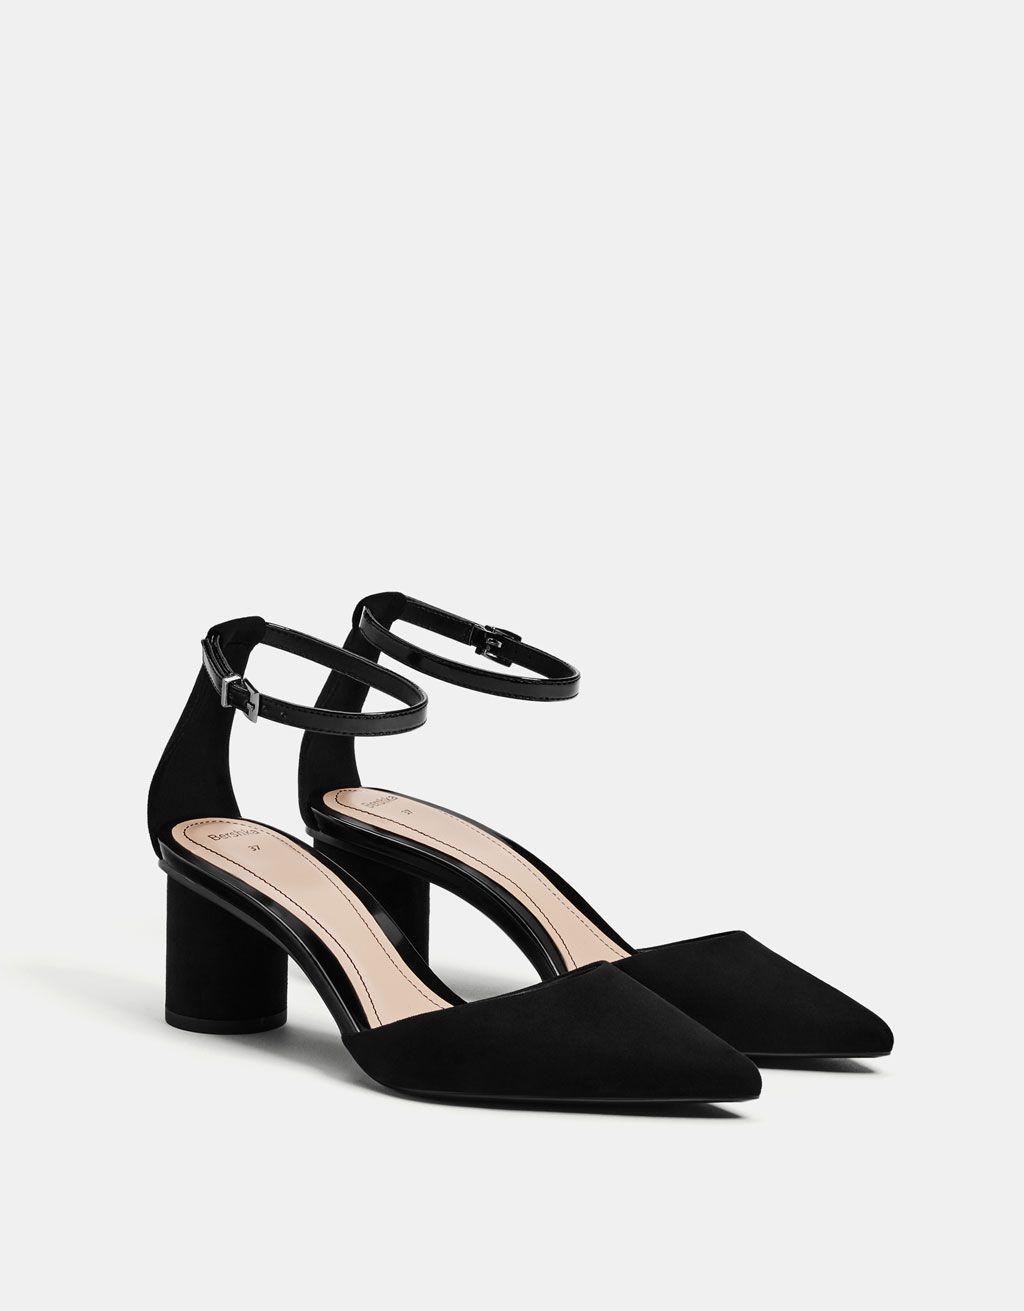 Black Mid Heel D Orsay Shoes Zhenskie Tufli Kabluki Moda Kabluki